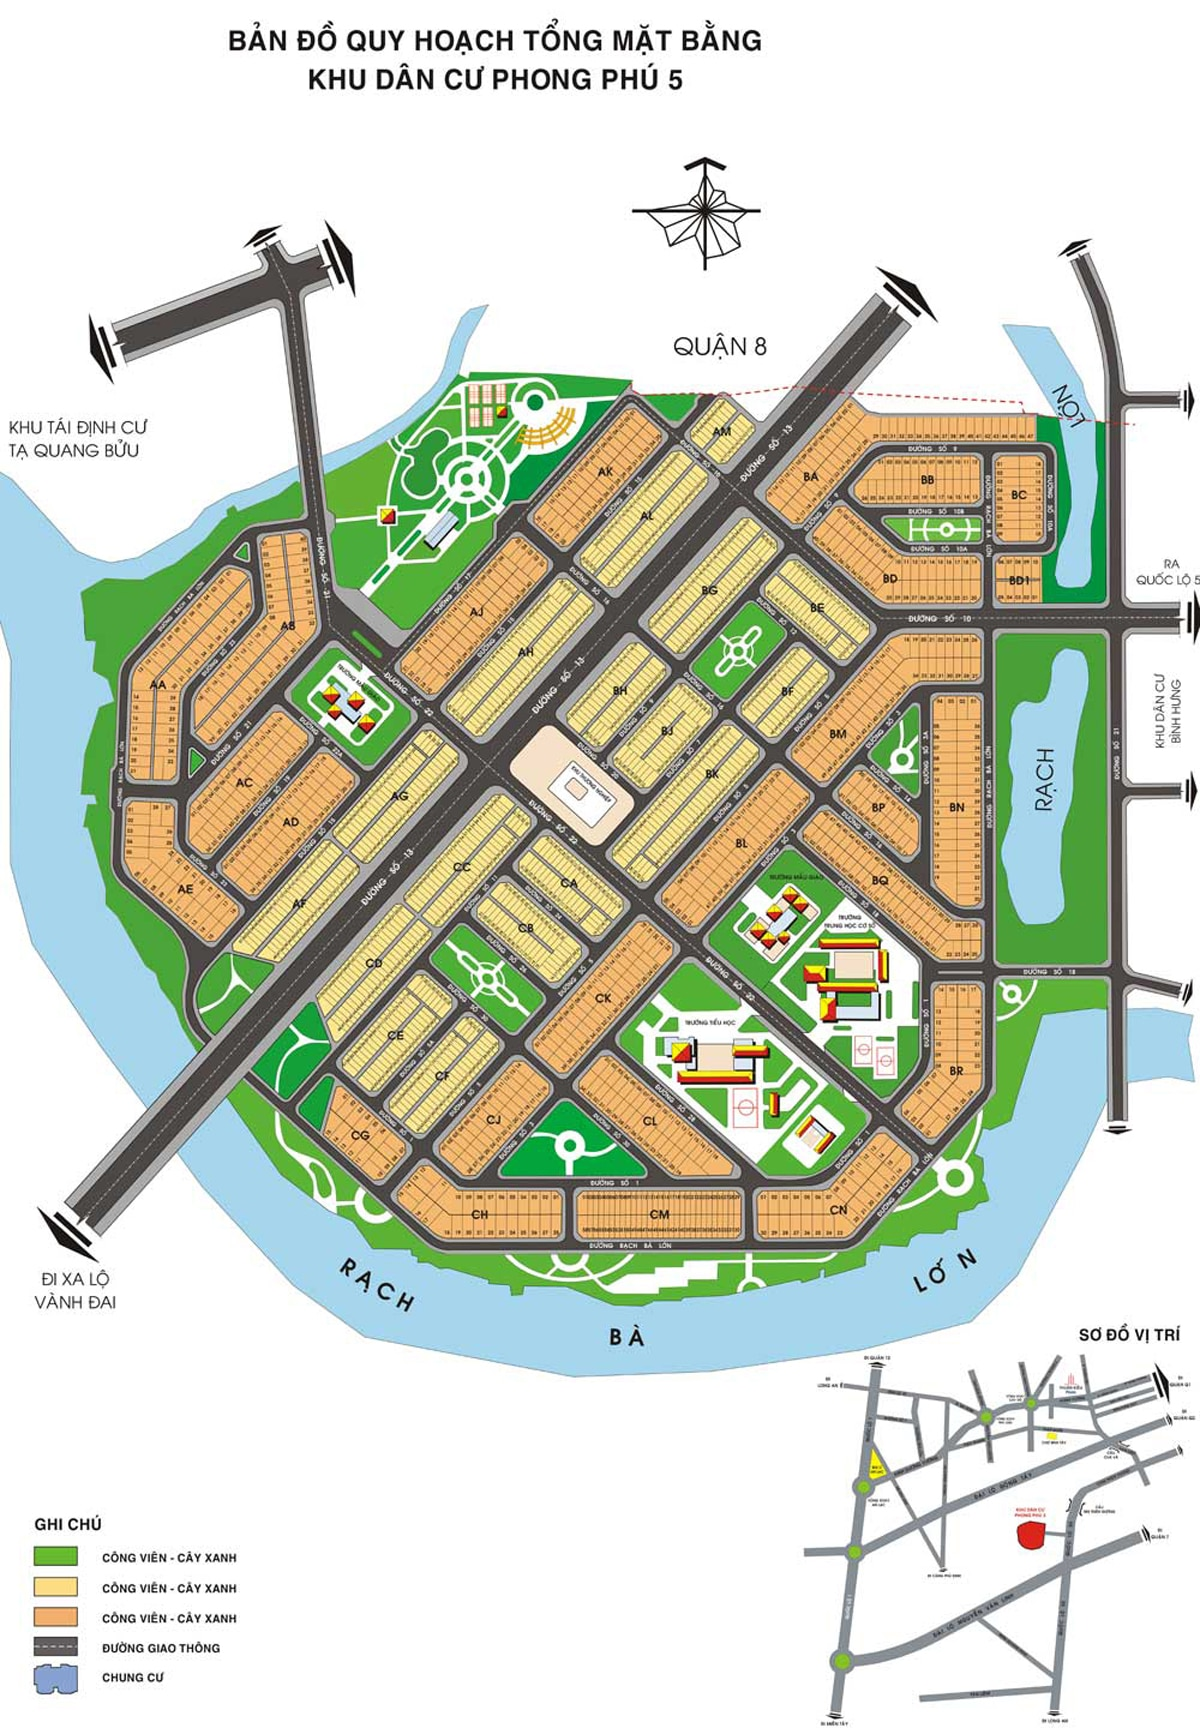 mat bang Du an The Green Village - DỰ ÁN THE GREEN VILLAGE KHANG ĐIỀN BÌNH CHÁNH